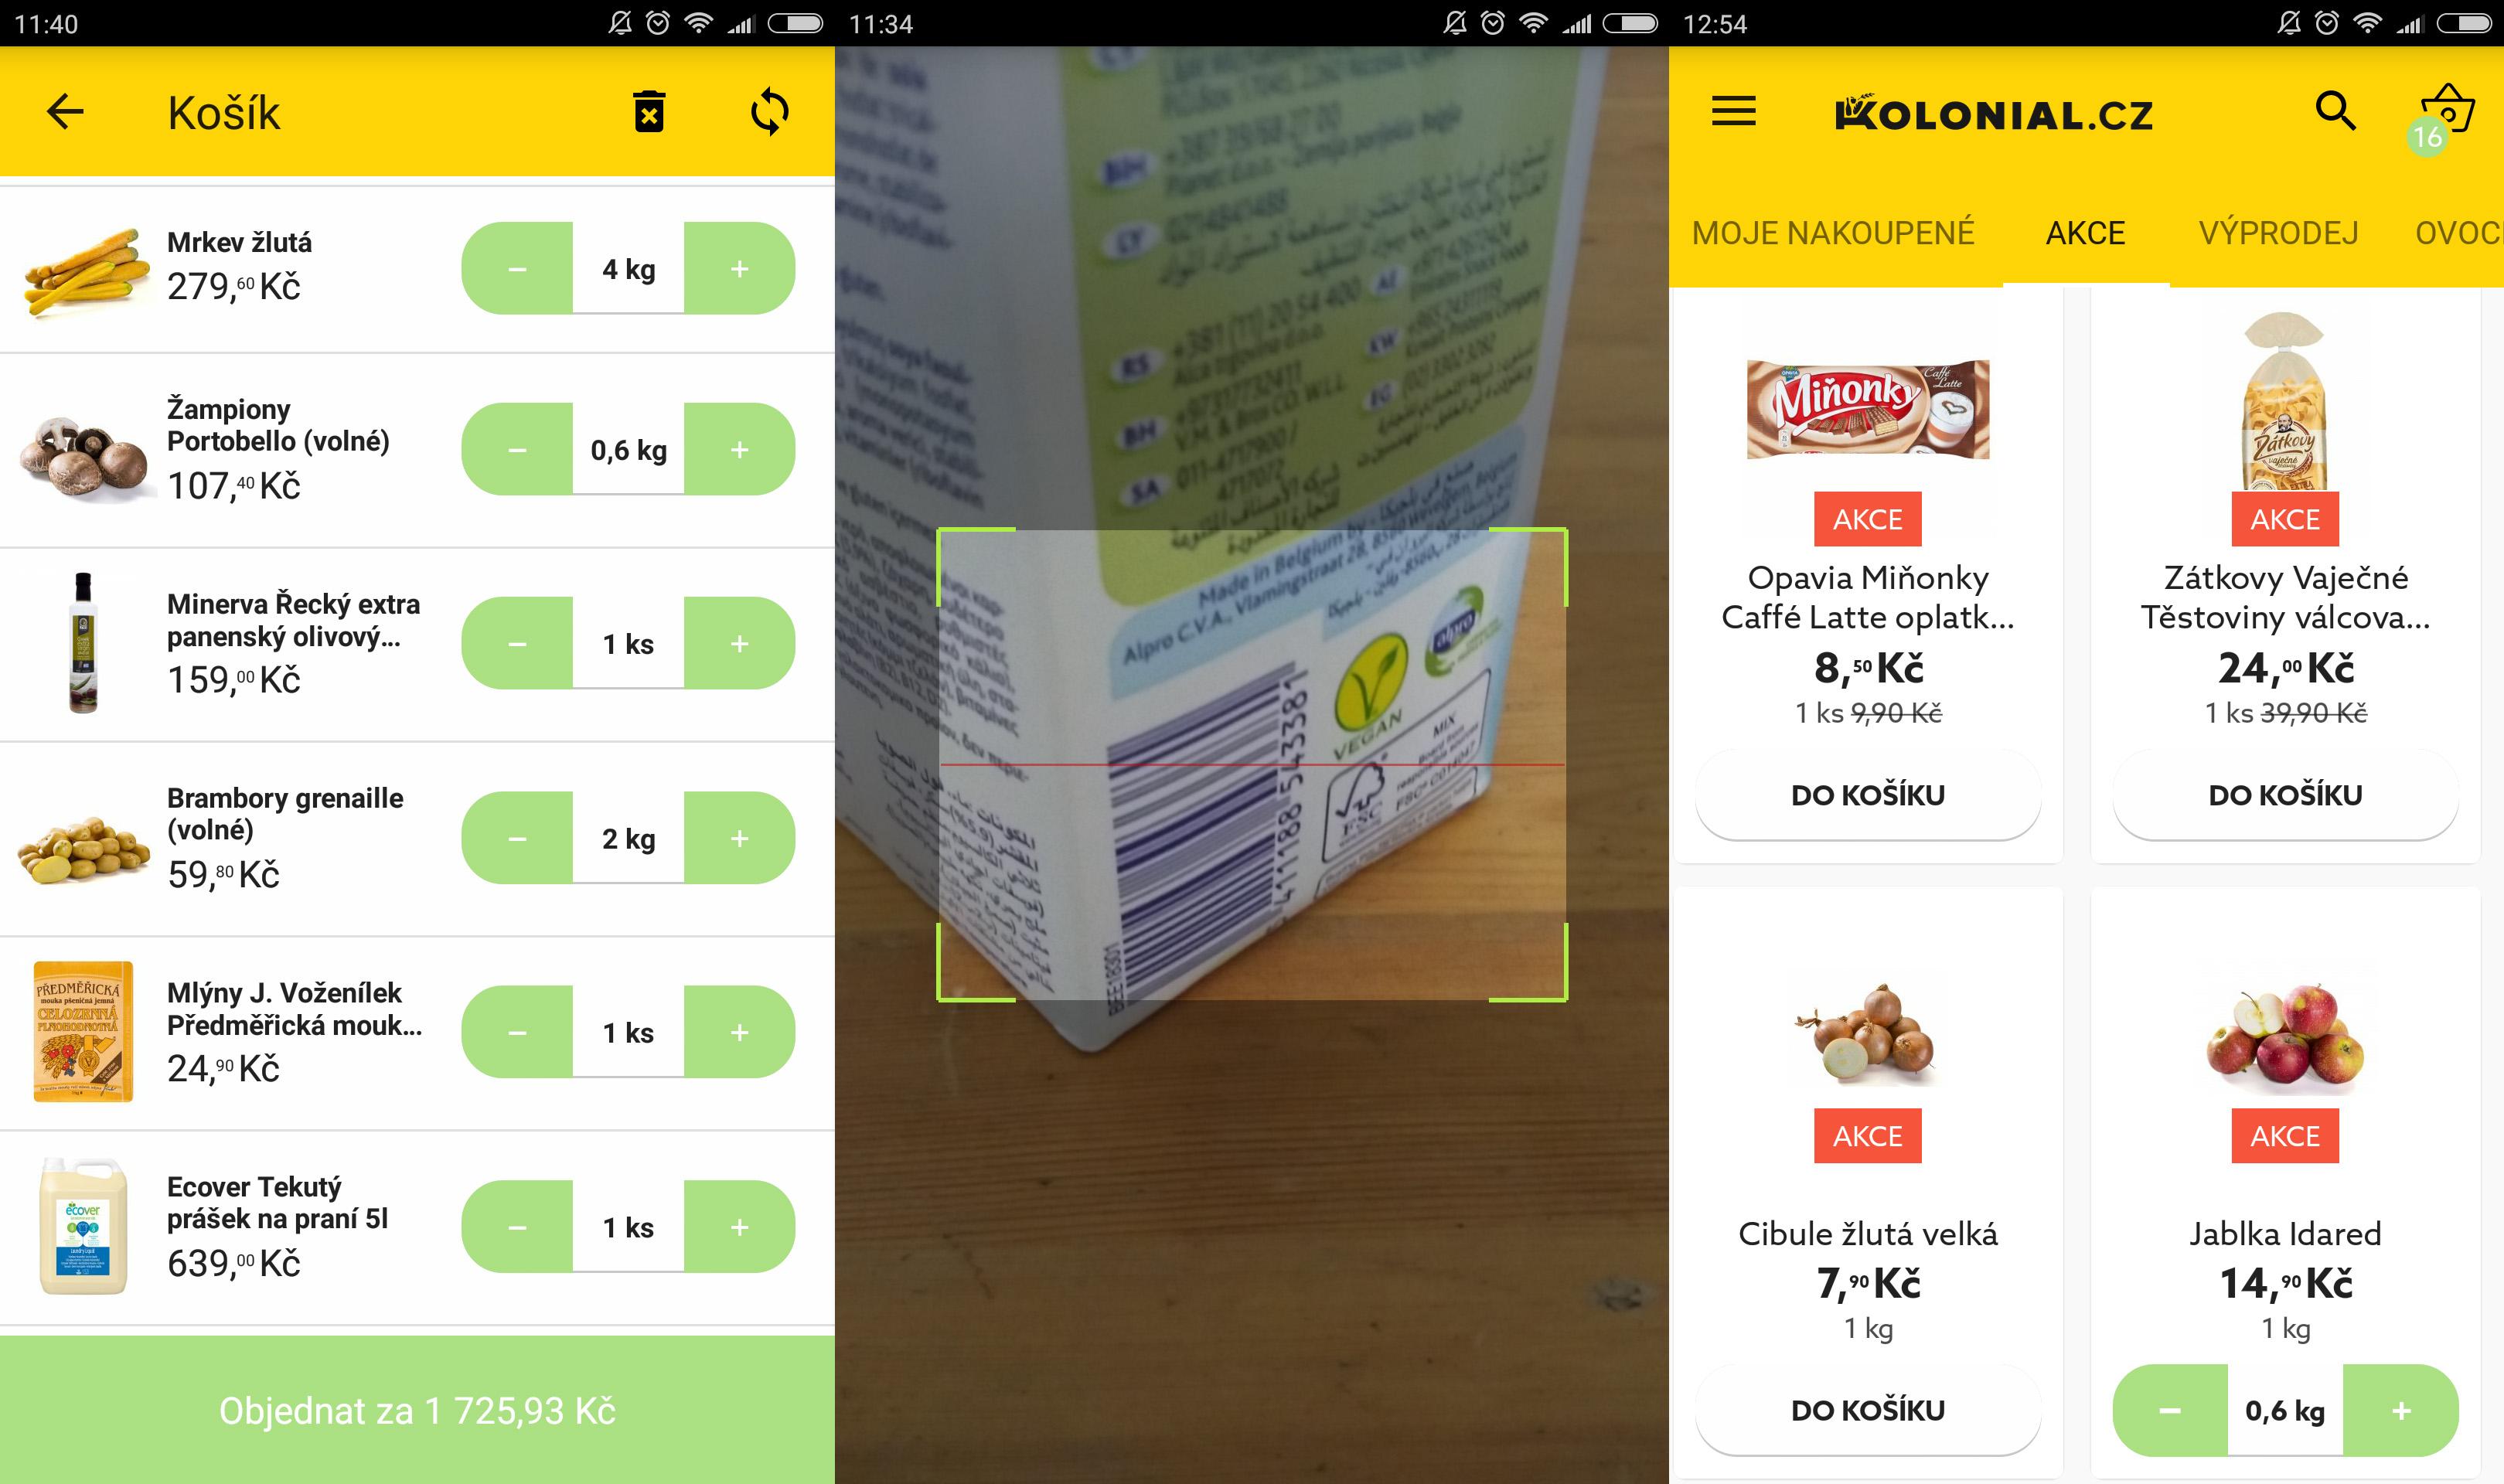 Mobilní aplikace Kolonial